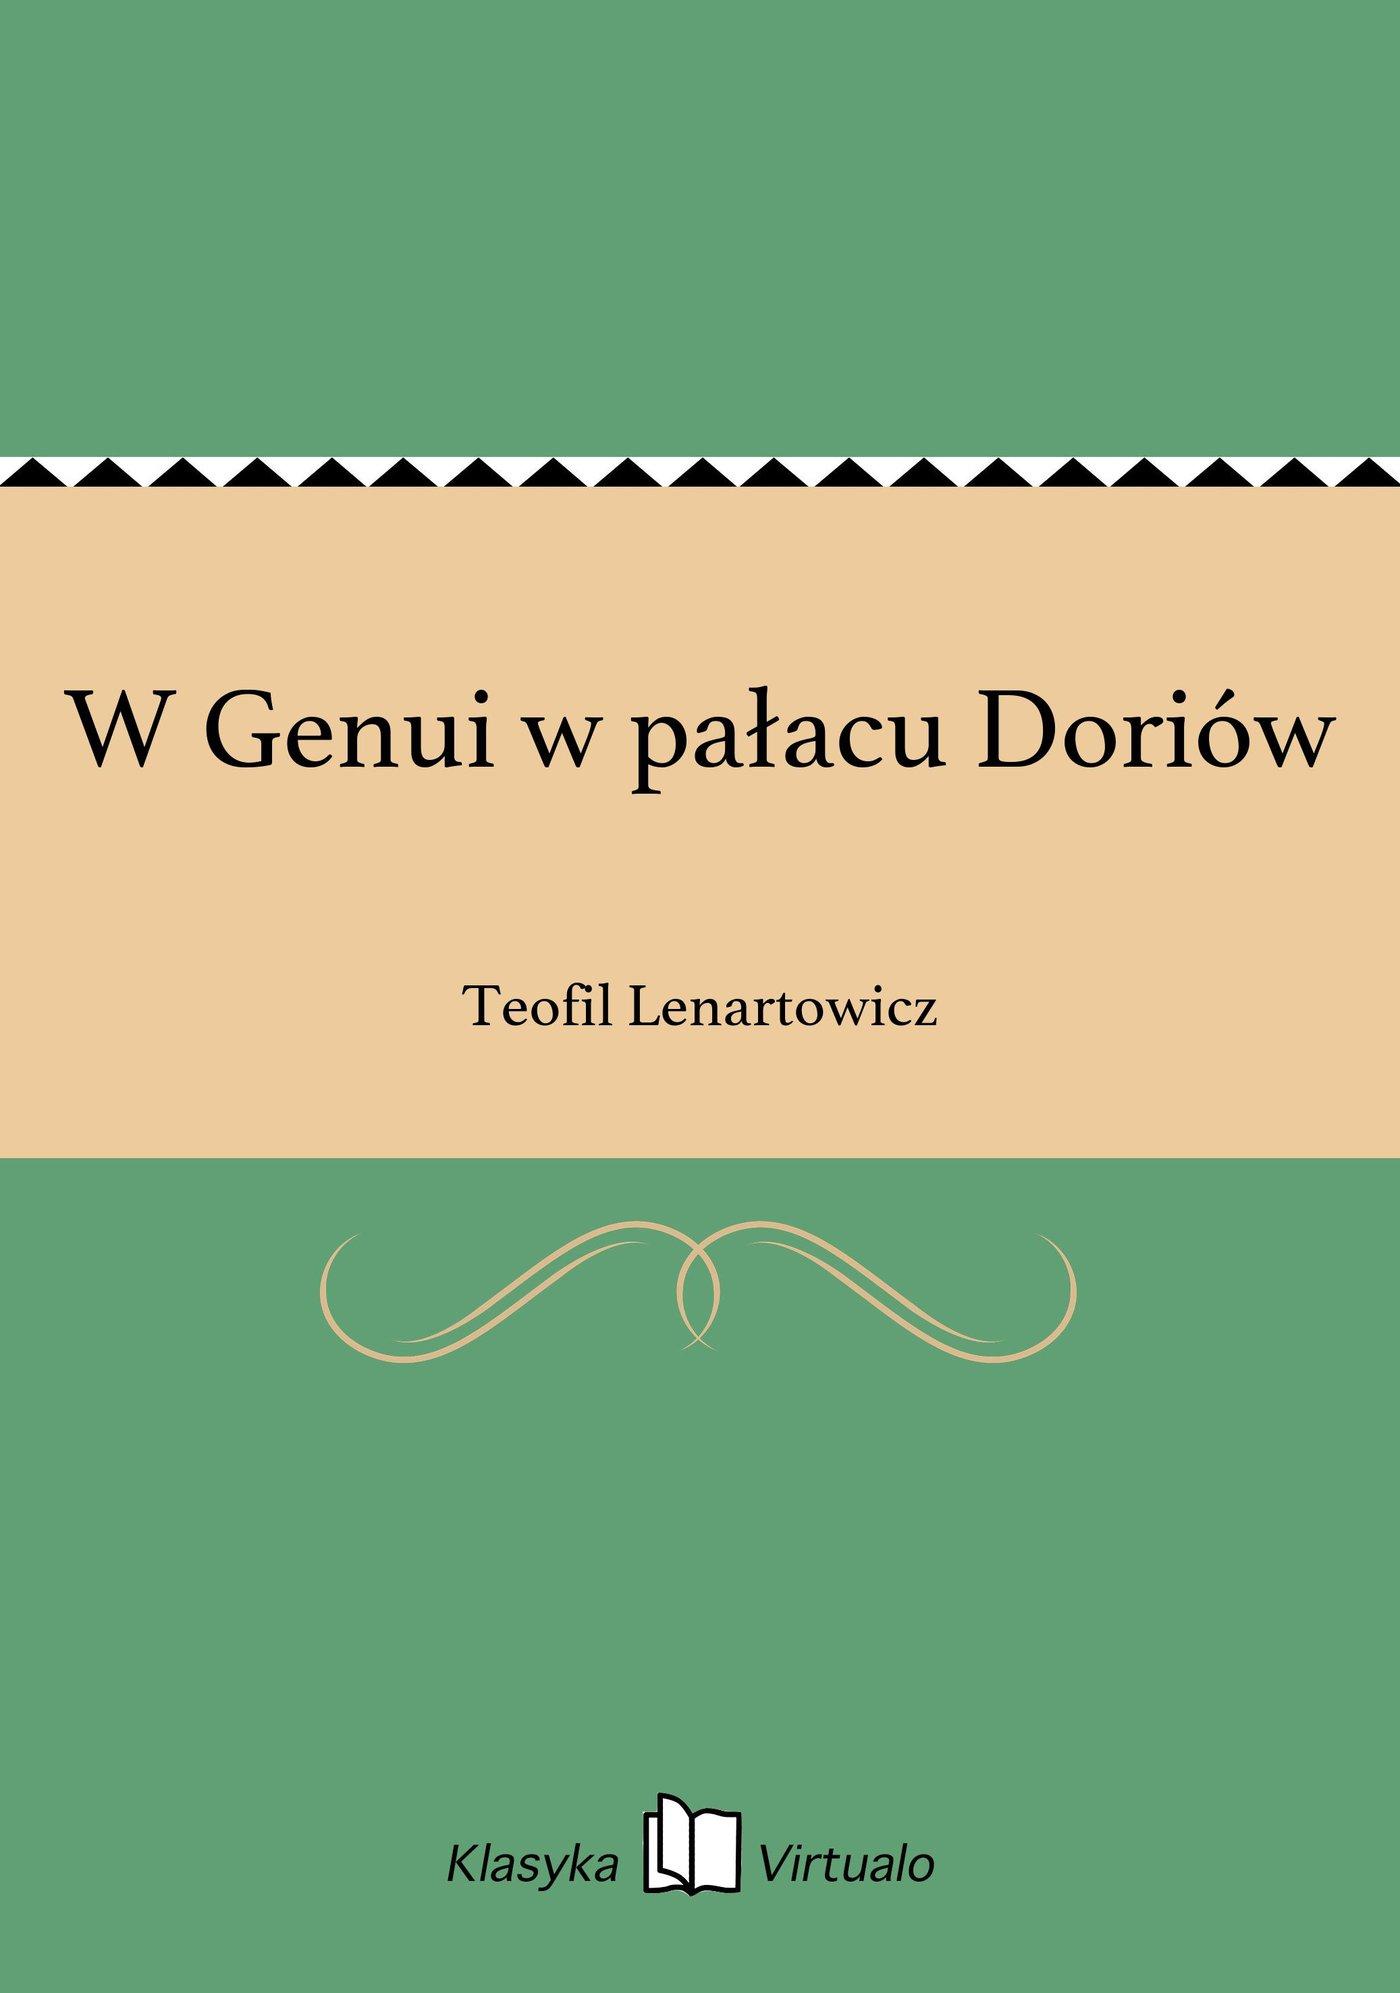 W Genui w pałacu Doriów - Ebook (Książka EPUB) do pobrania w formacie EPUB